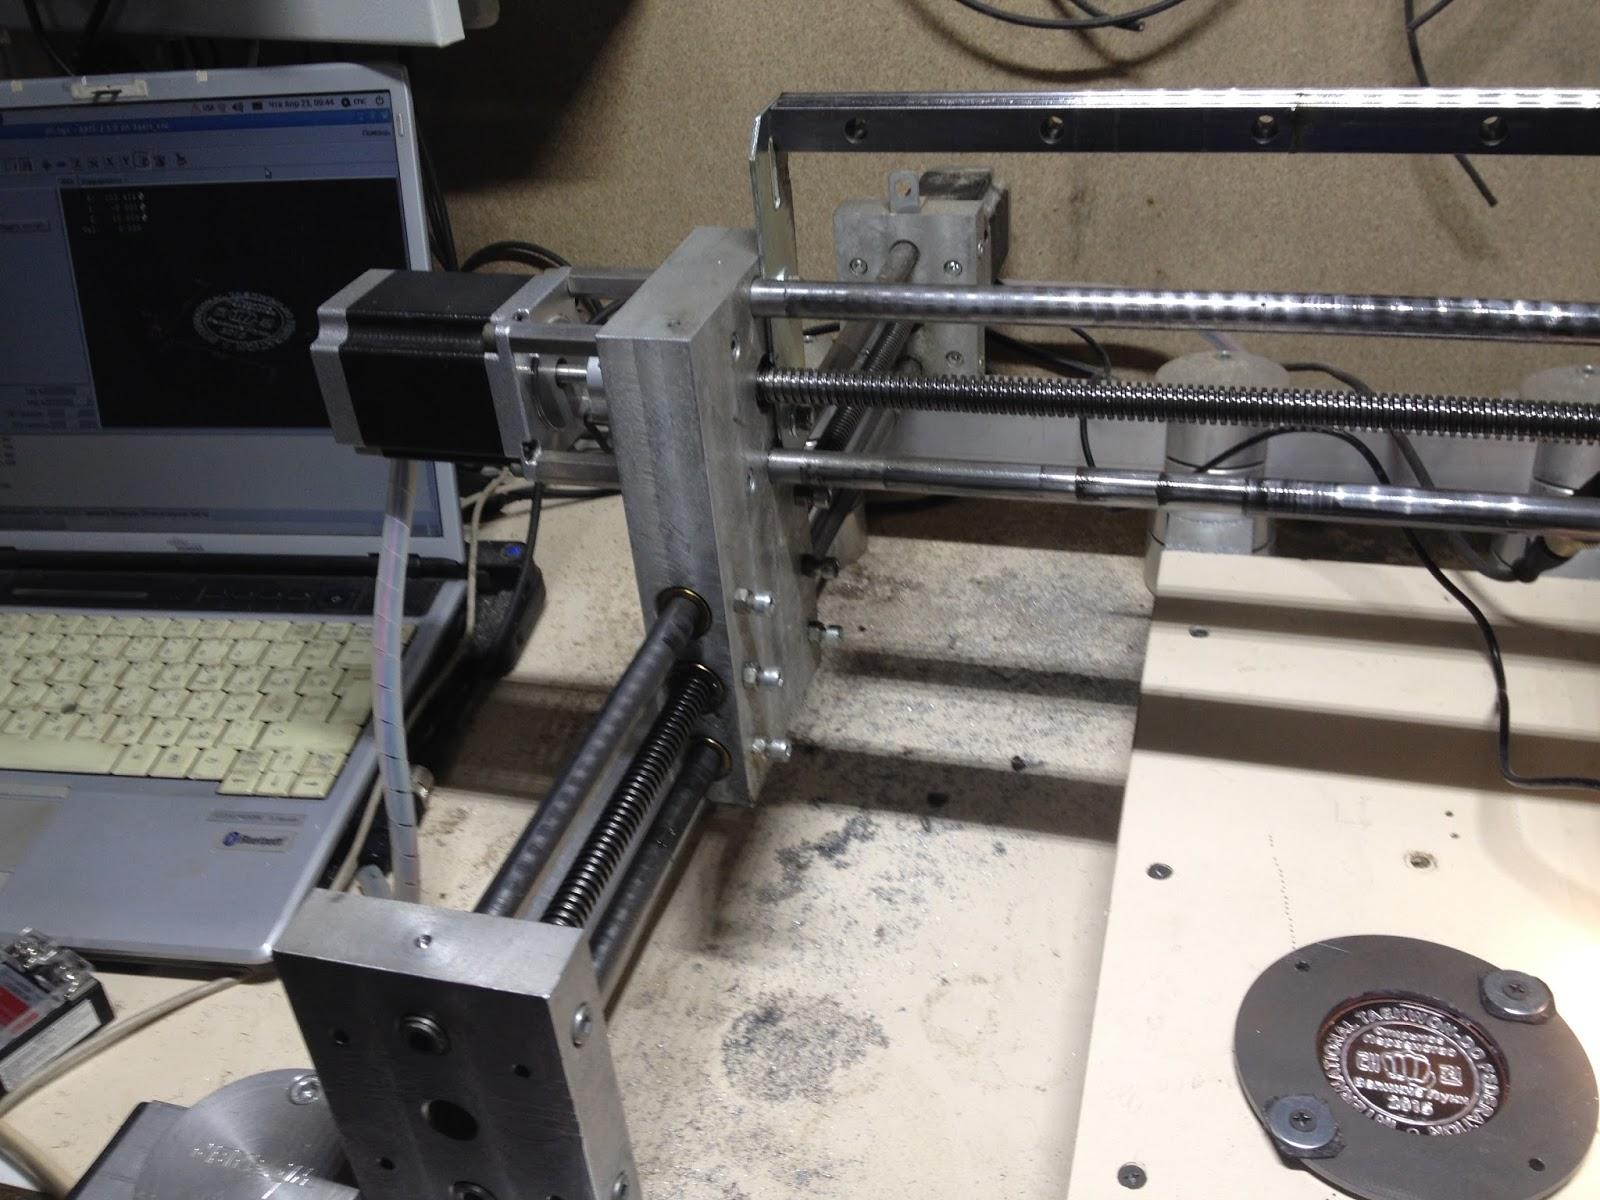 Направляющие для 3d принтера своими руками